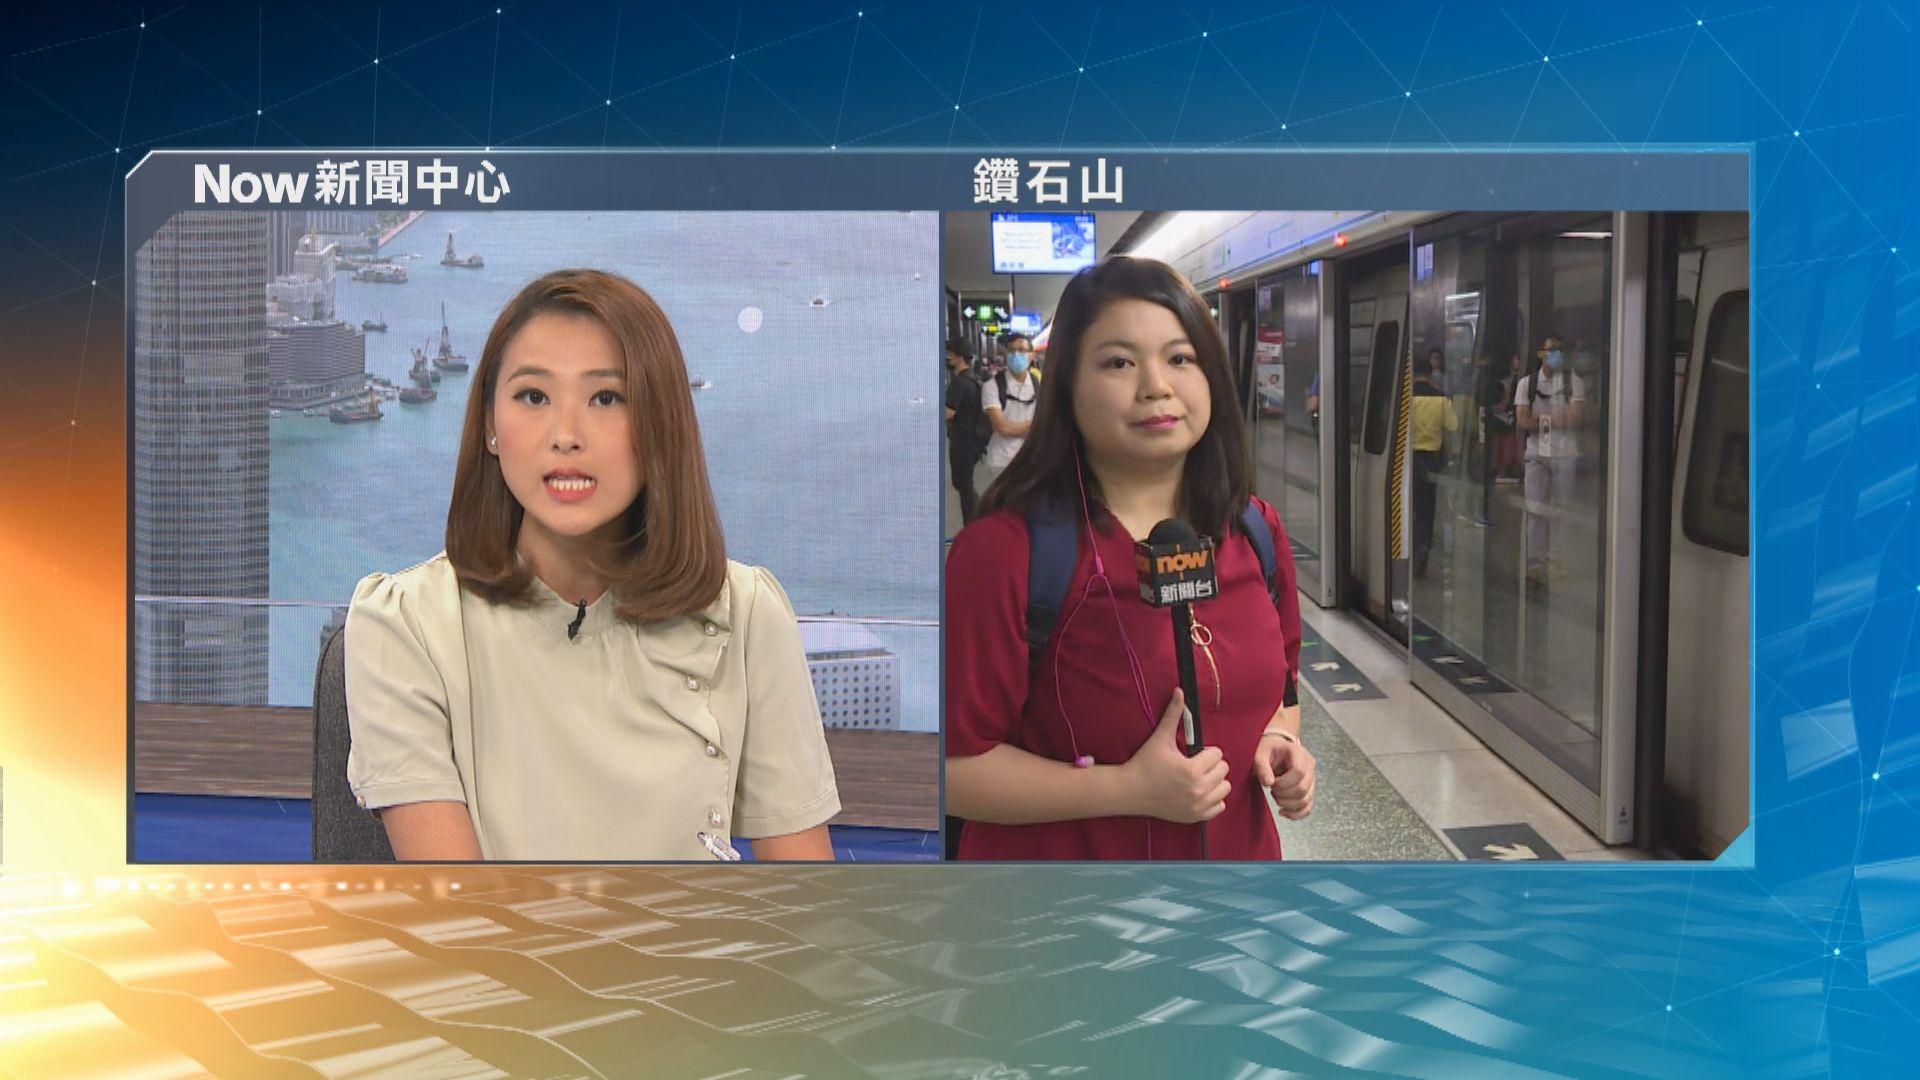 【現場報道】多個港鐵站有人發起不合作運動 列車服務受阻